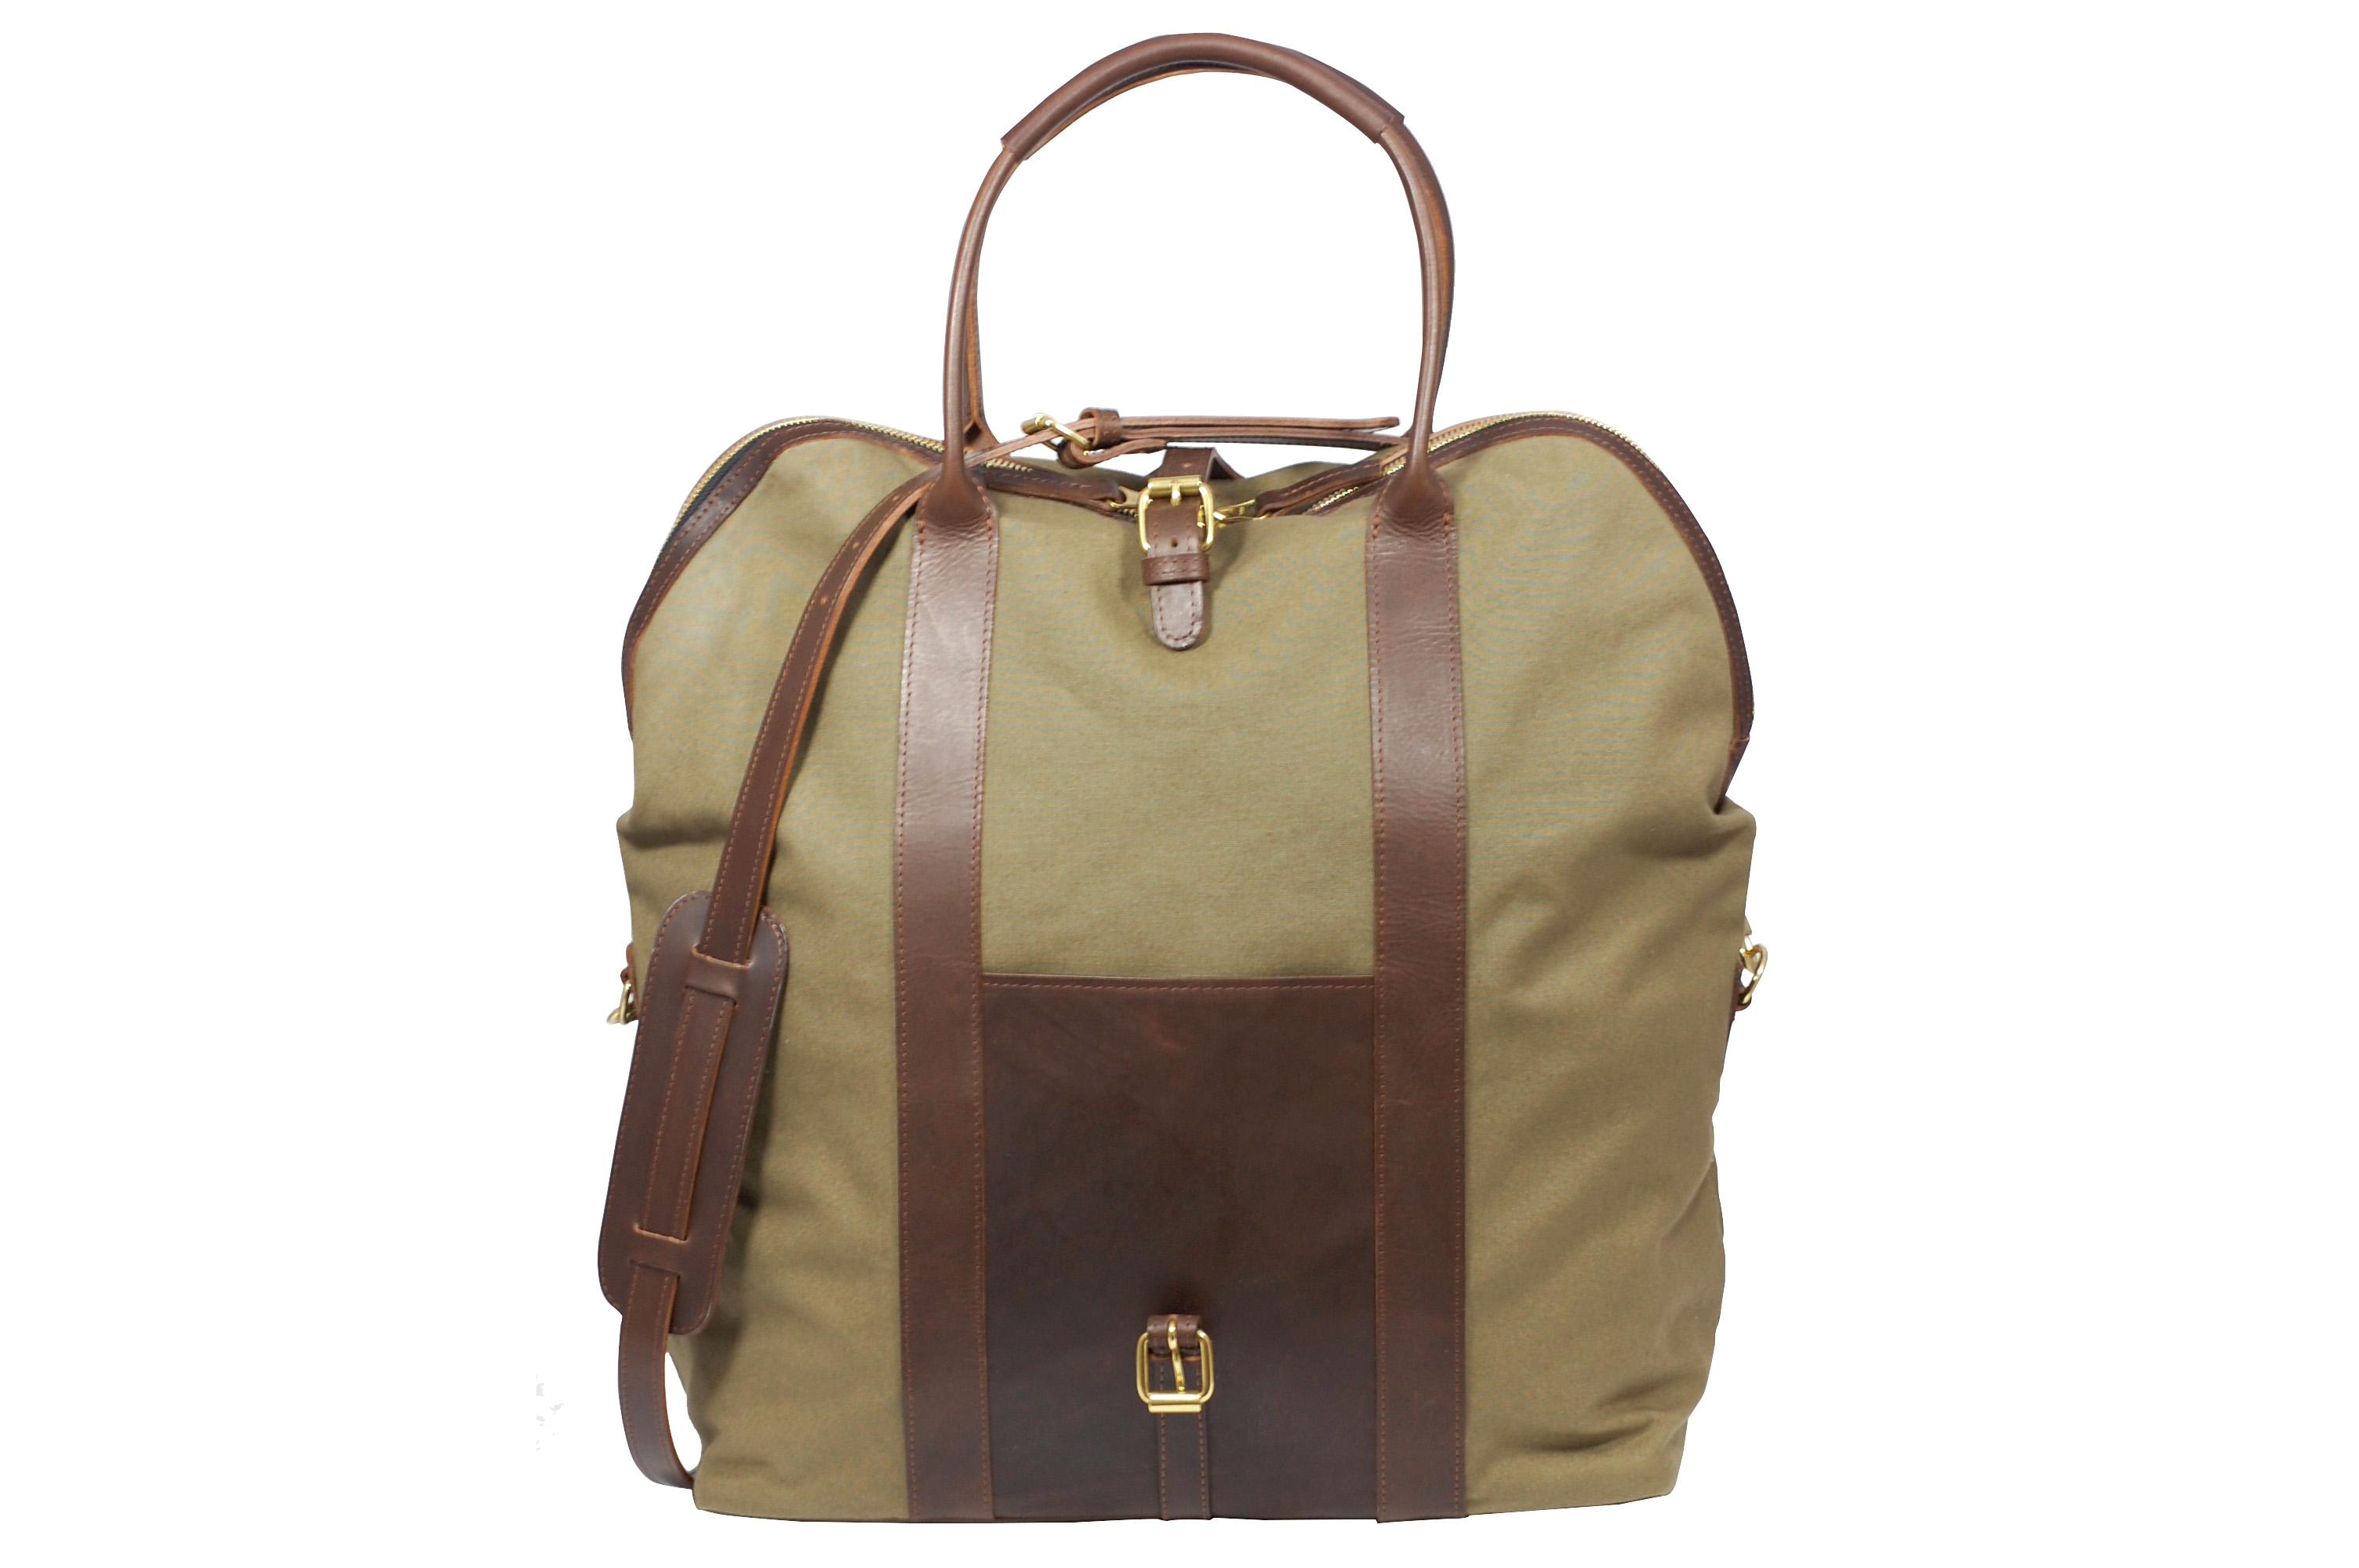 Mahiout Doc bag, travel, weekend bag, vegetable tanned leather, designer bag, luxury bag